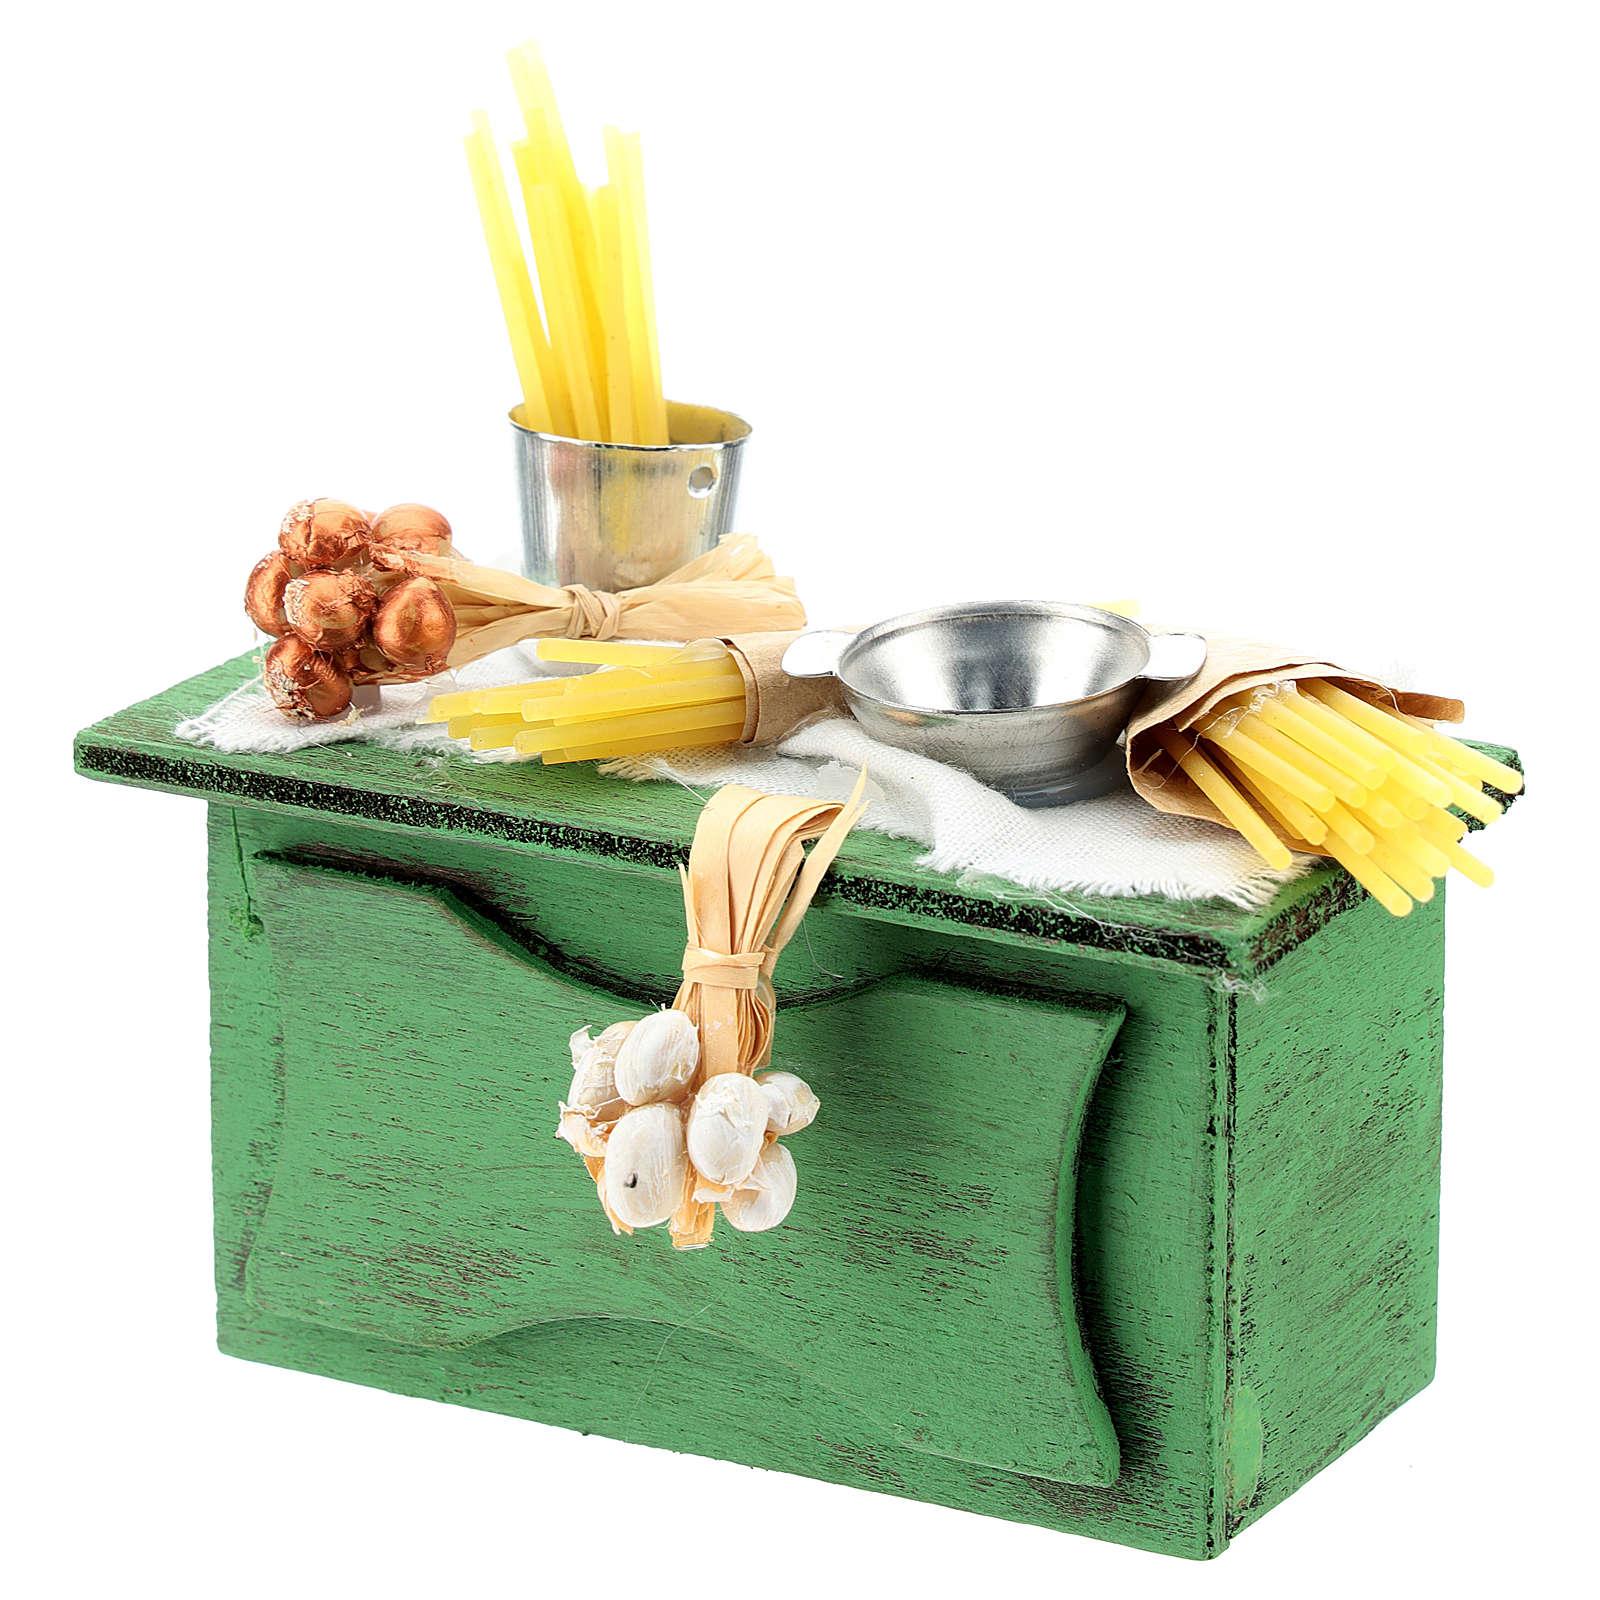 Banco venditore pasta per presepe napoletano di 6-8 cm 4